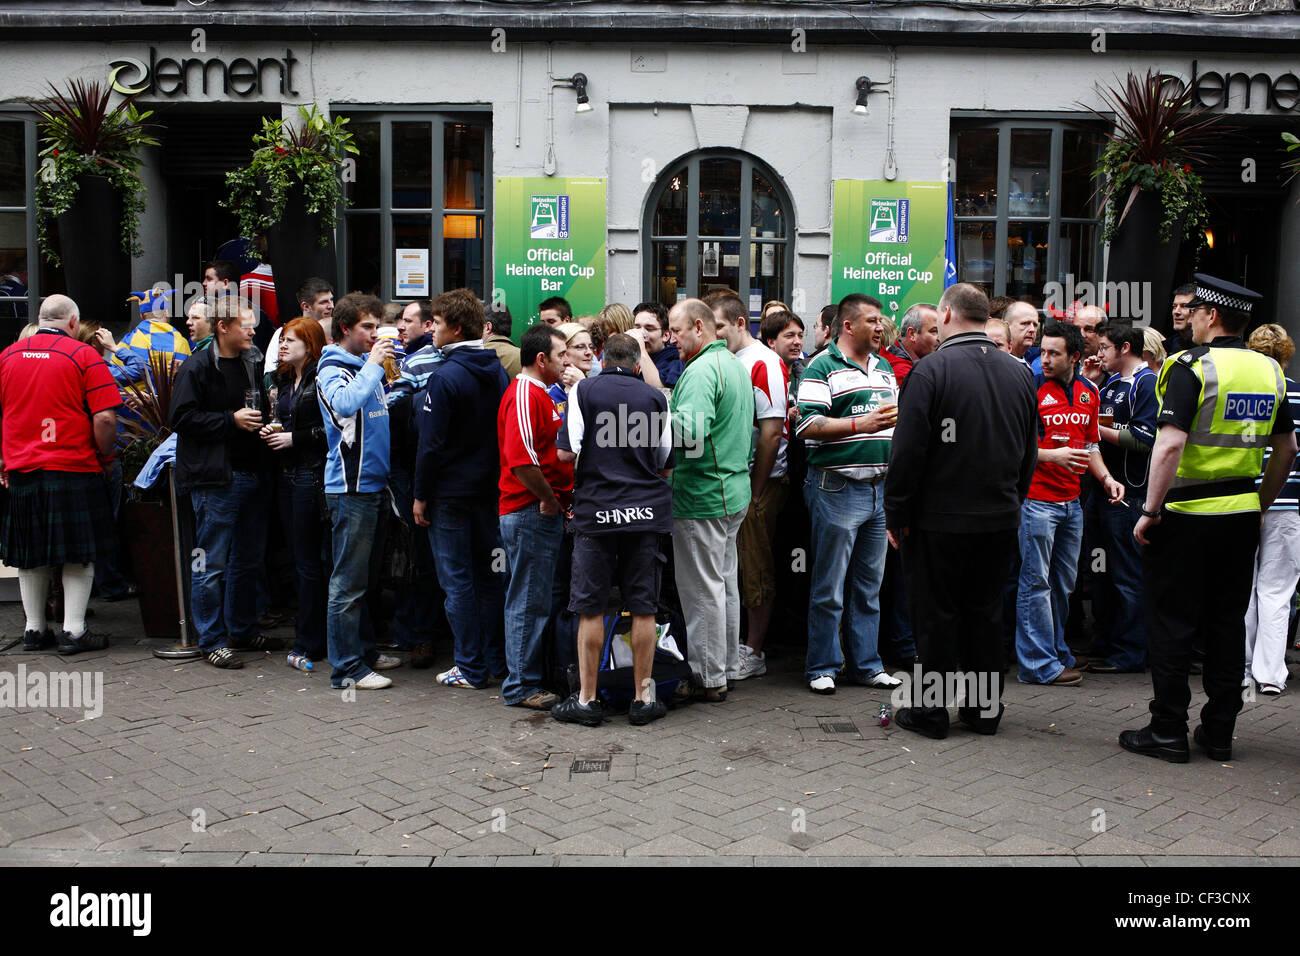 Ein Security-Agent und Polizisten haben ein wachsames Auge auf Rugby-Fans vor einer Bar. Stockbild